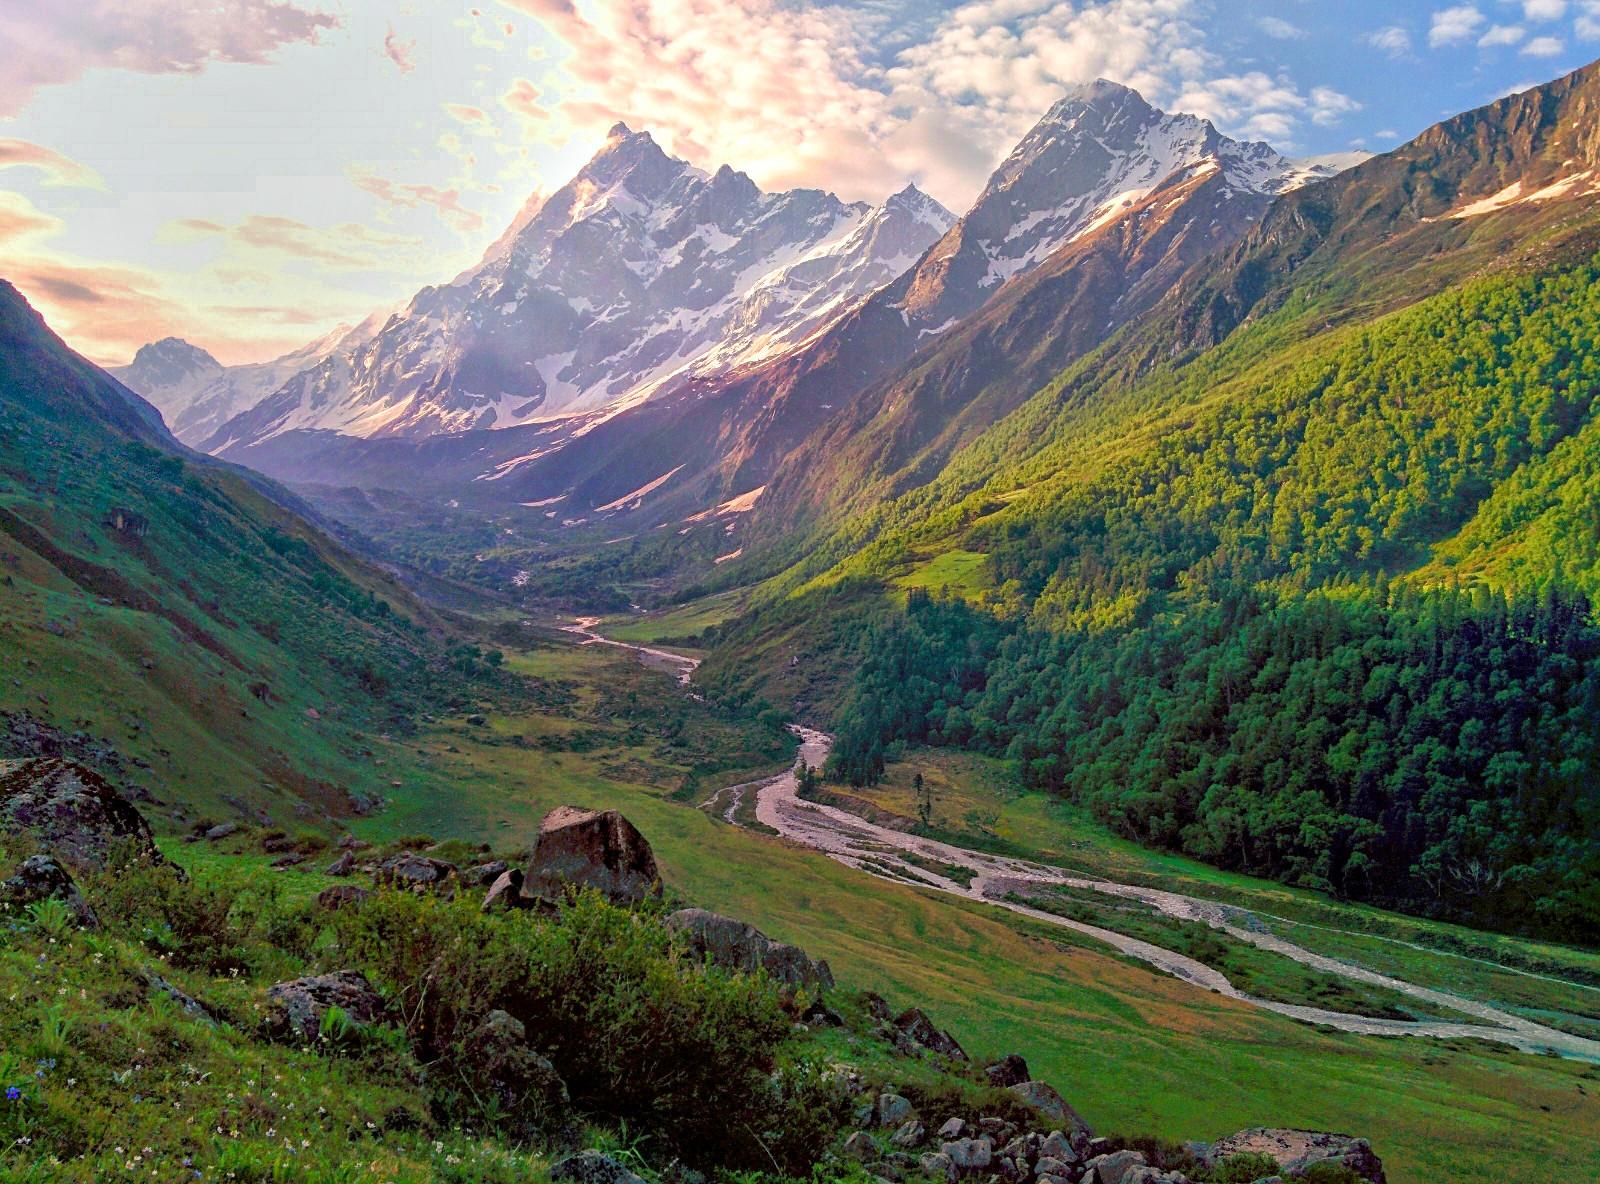 Har Ki Doon Valley.